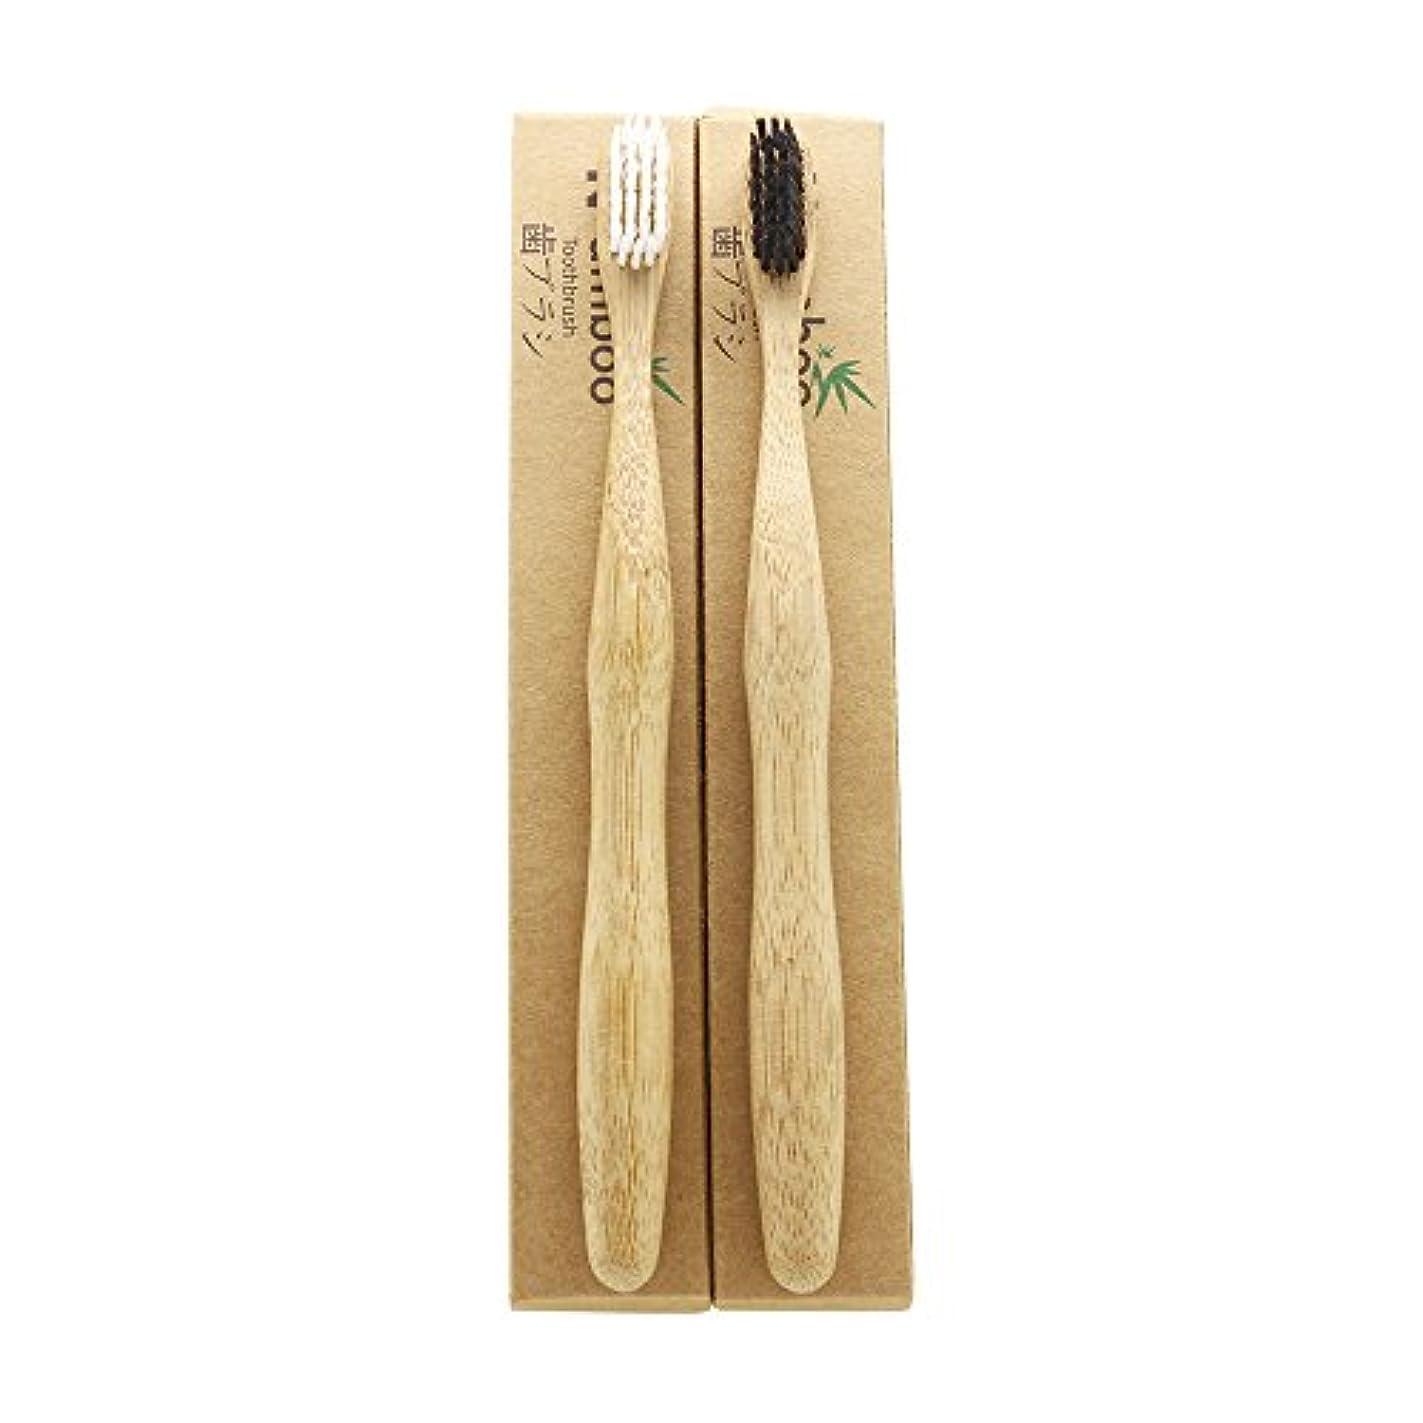 地図引き渡すリップN-amboo 竹製 歯ブラシ 高耐久性 白と黒 セット エコ  (2本)